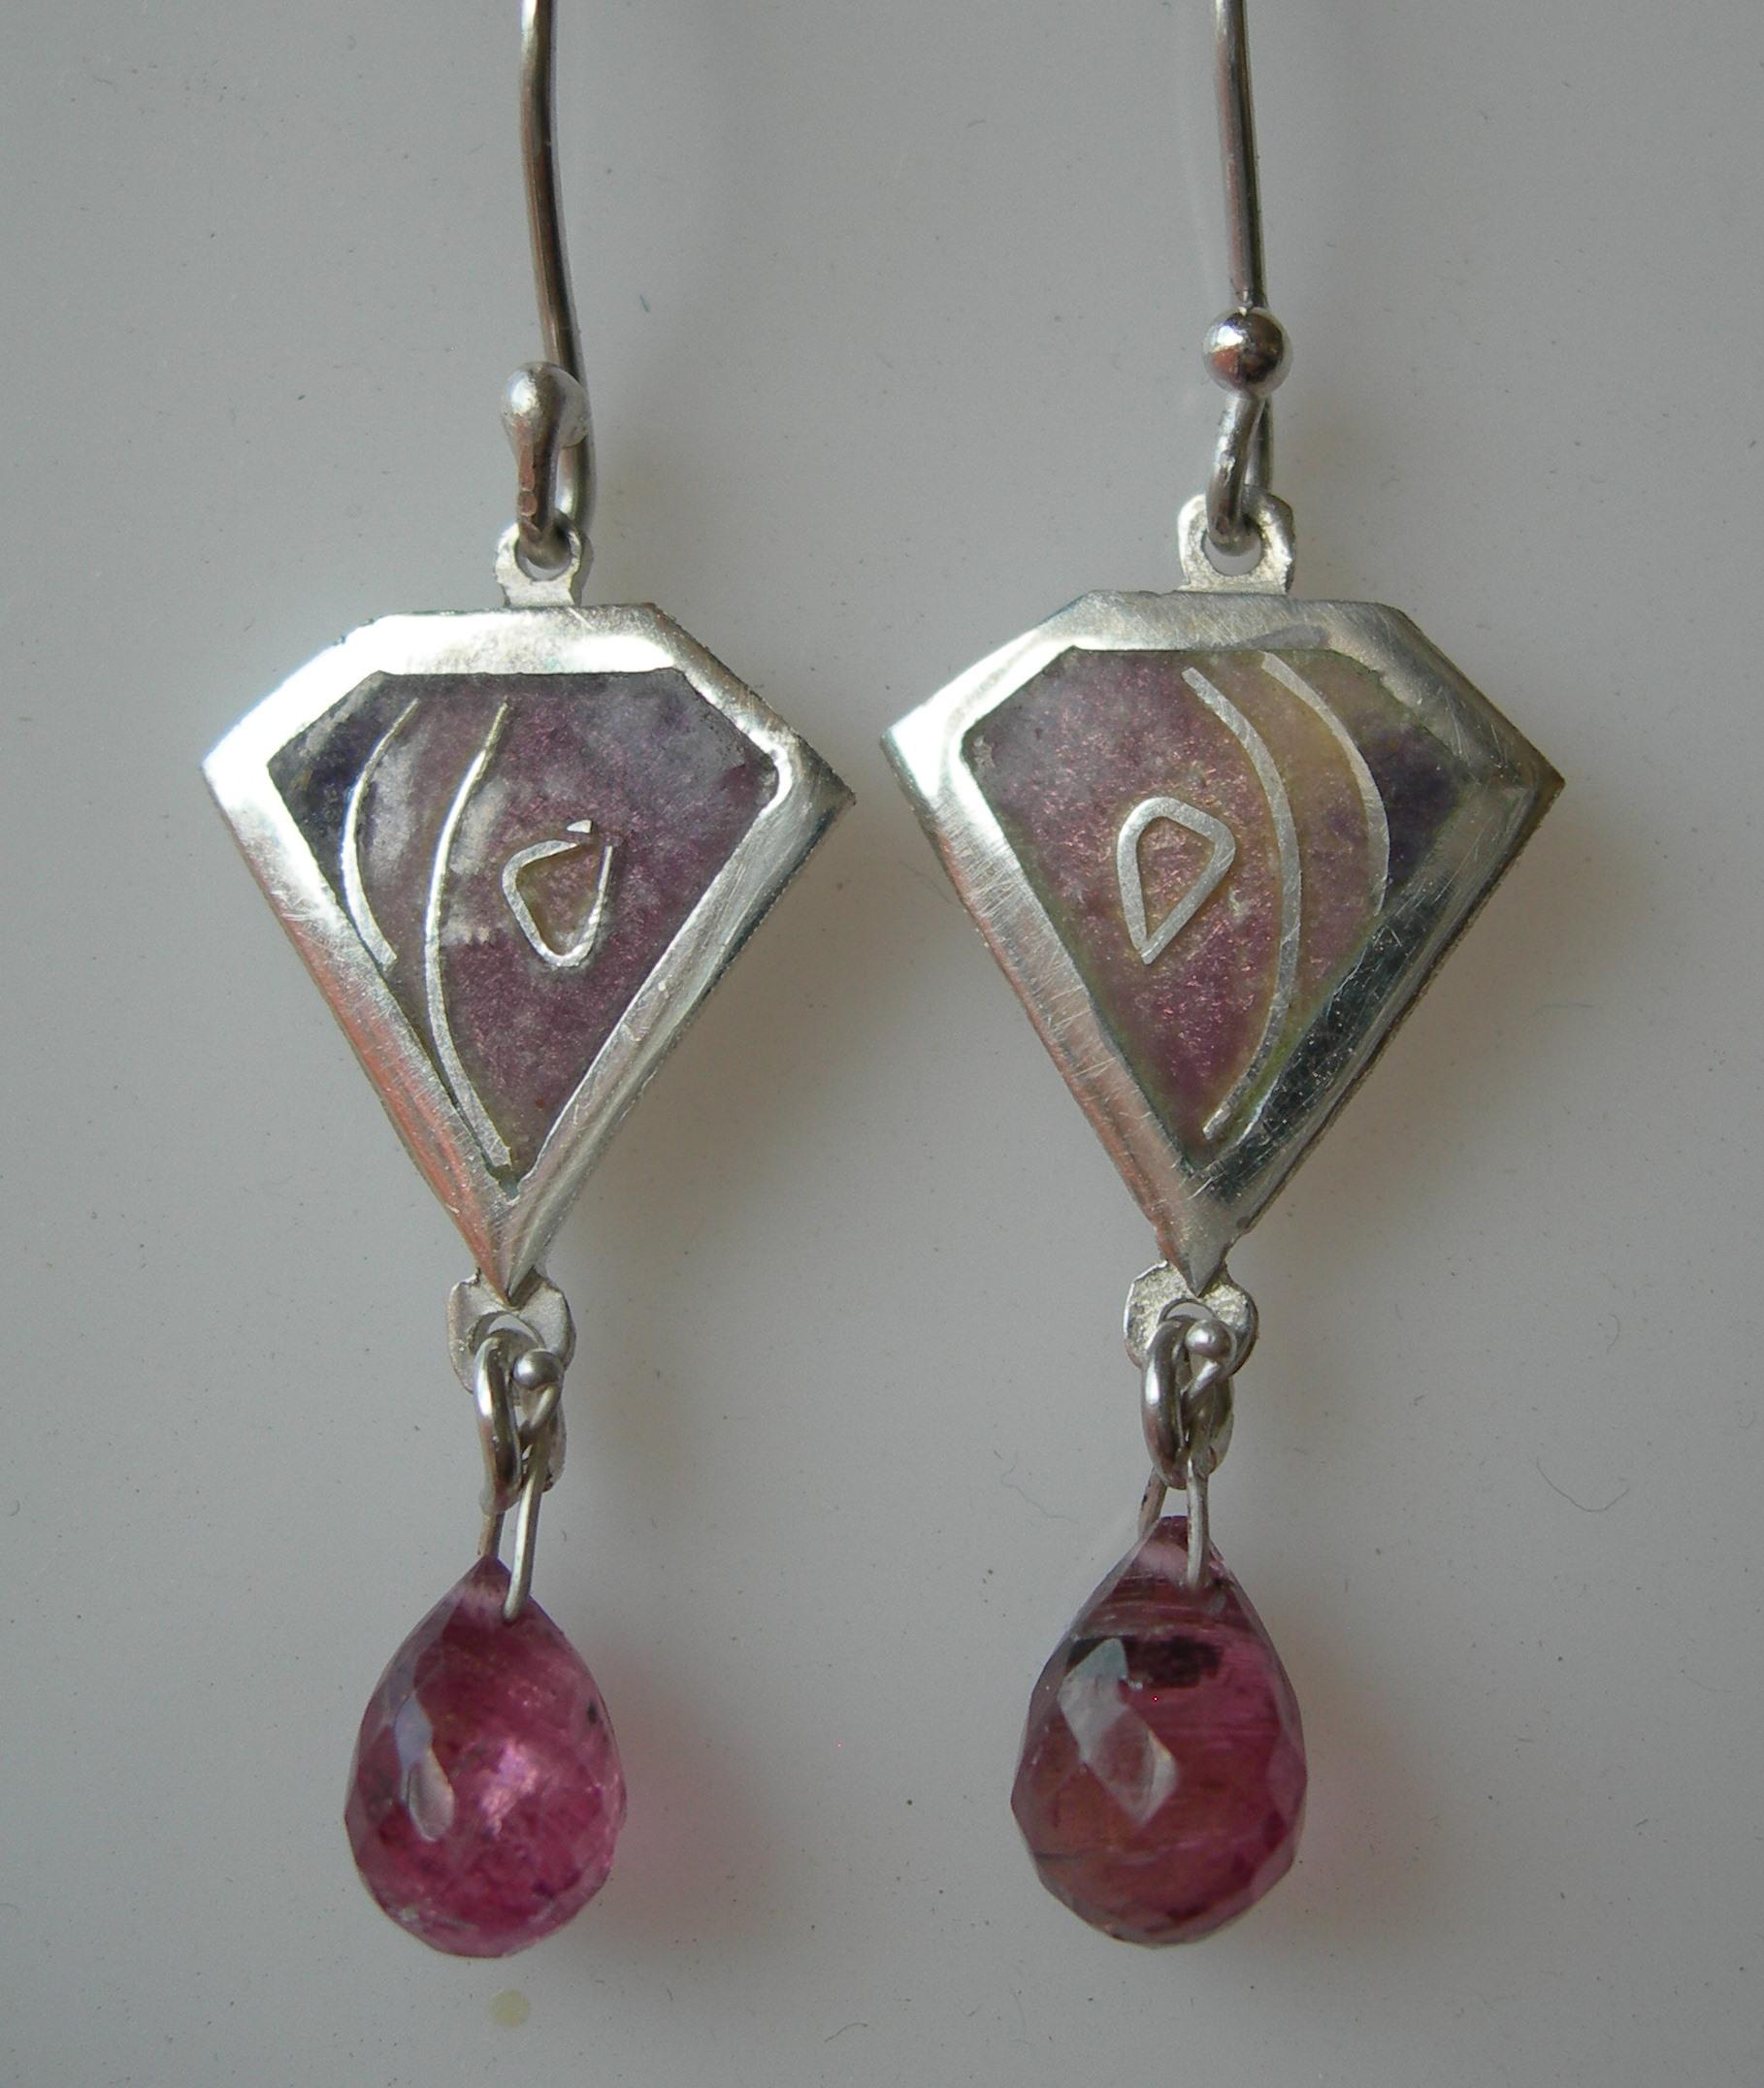 Violet kite earrings in sterling silver